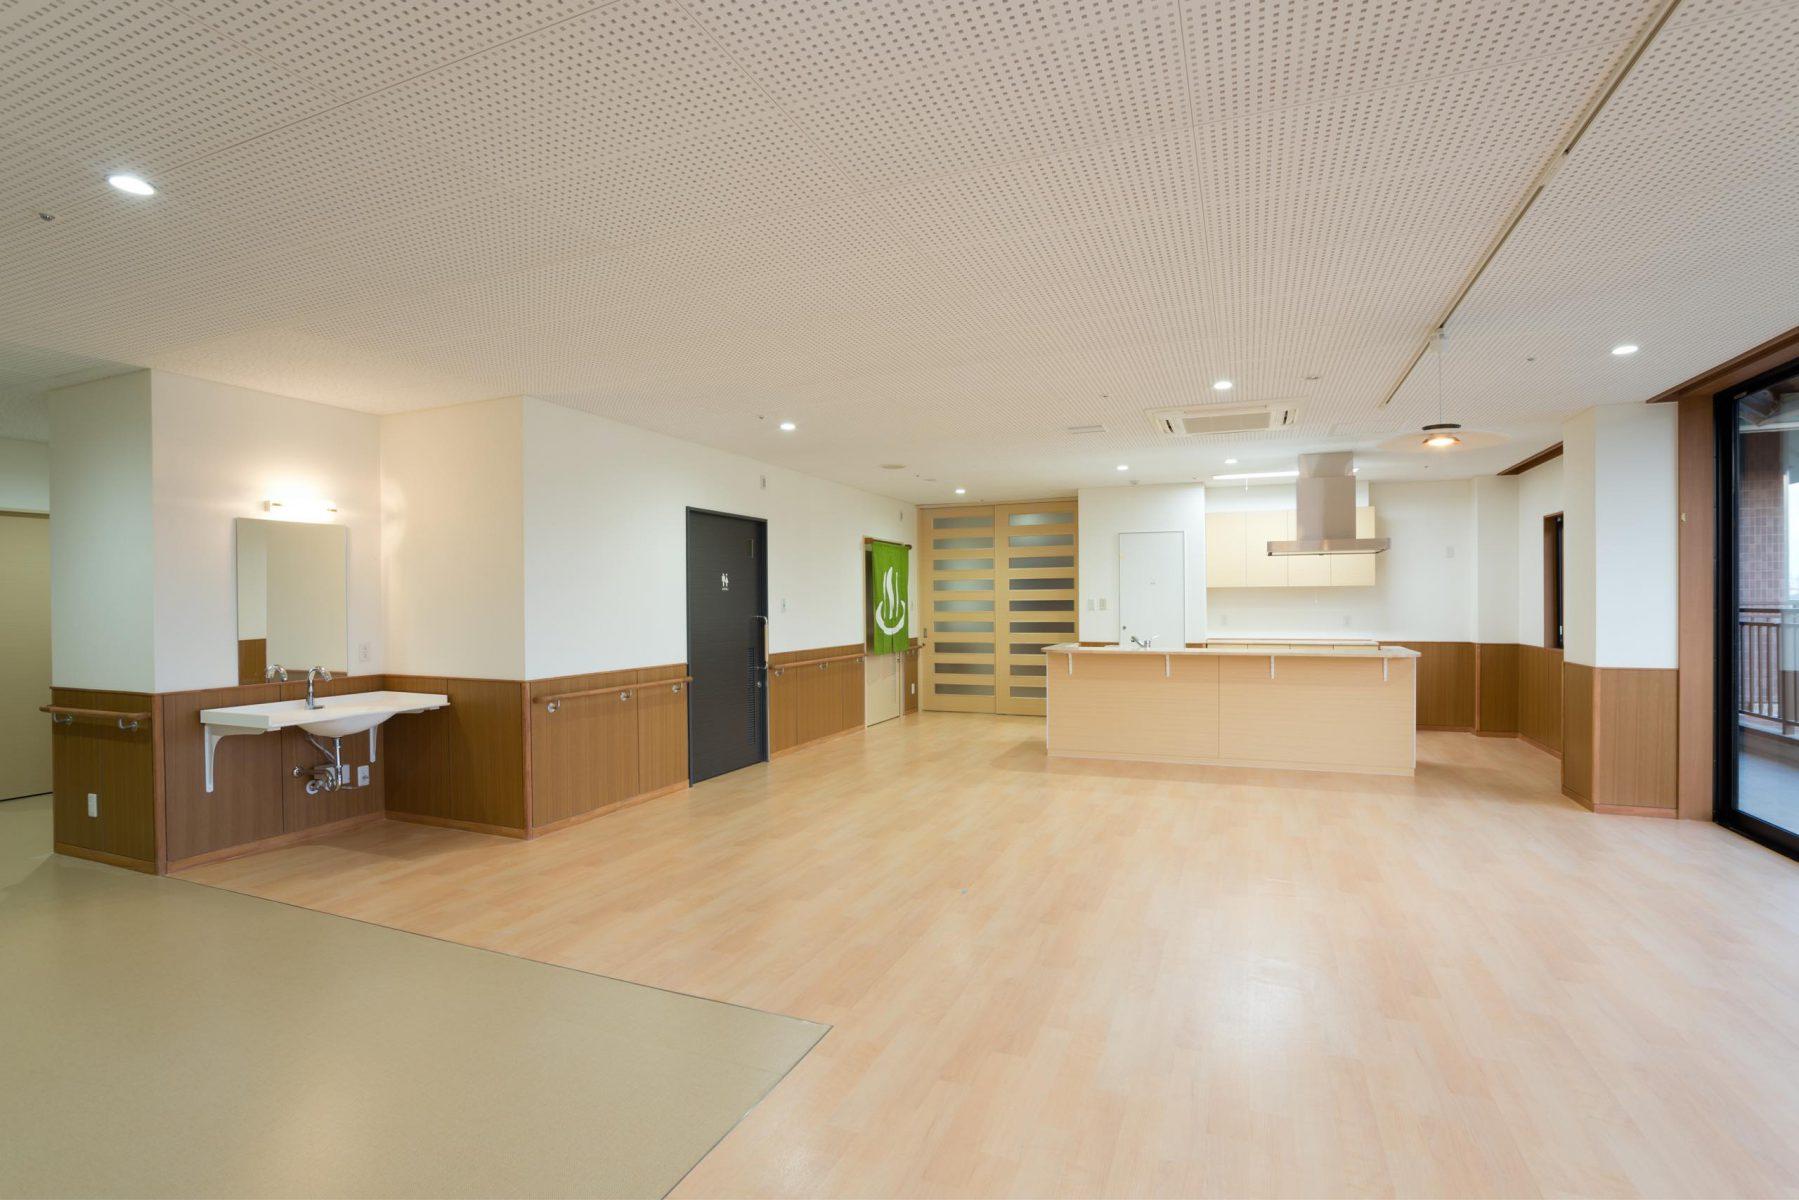 2階デイルーム、キッチン